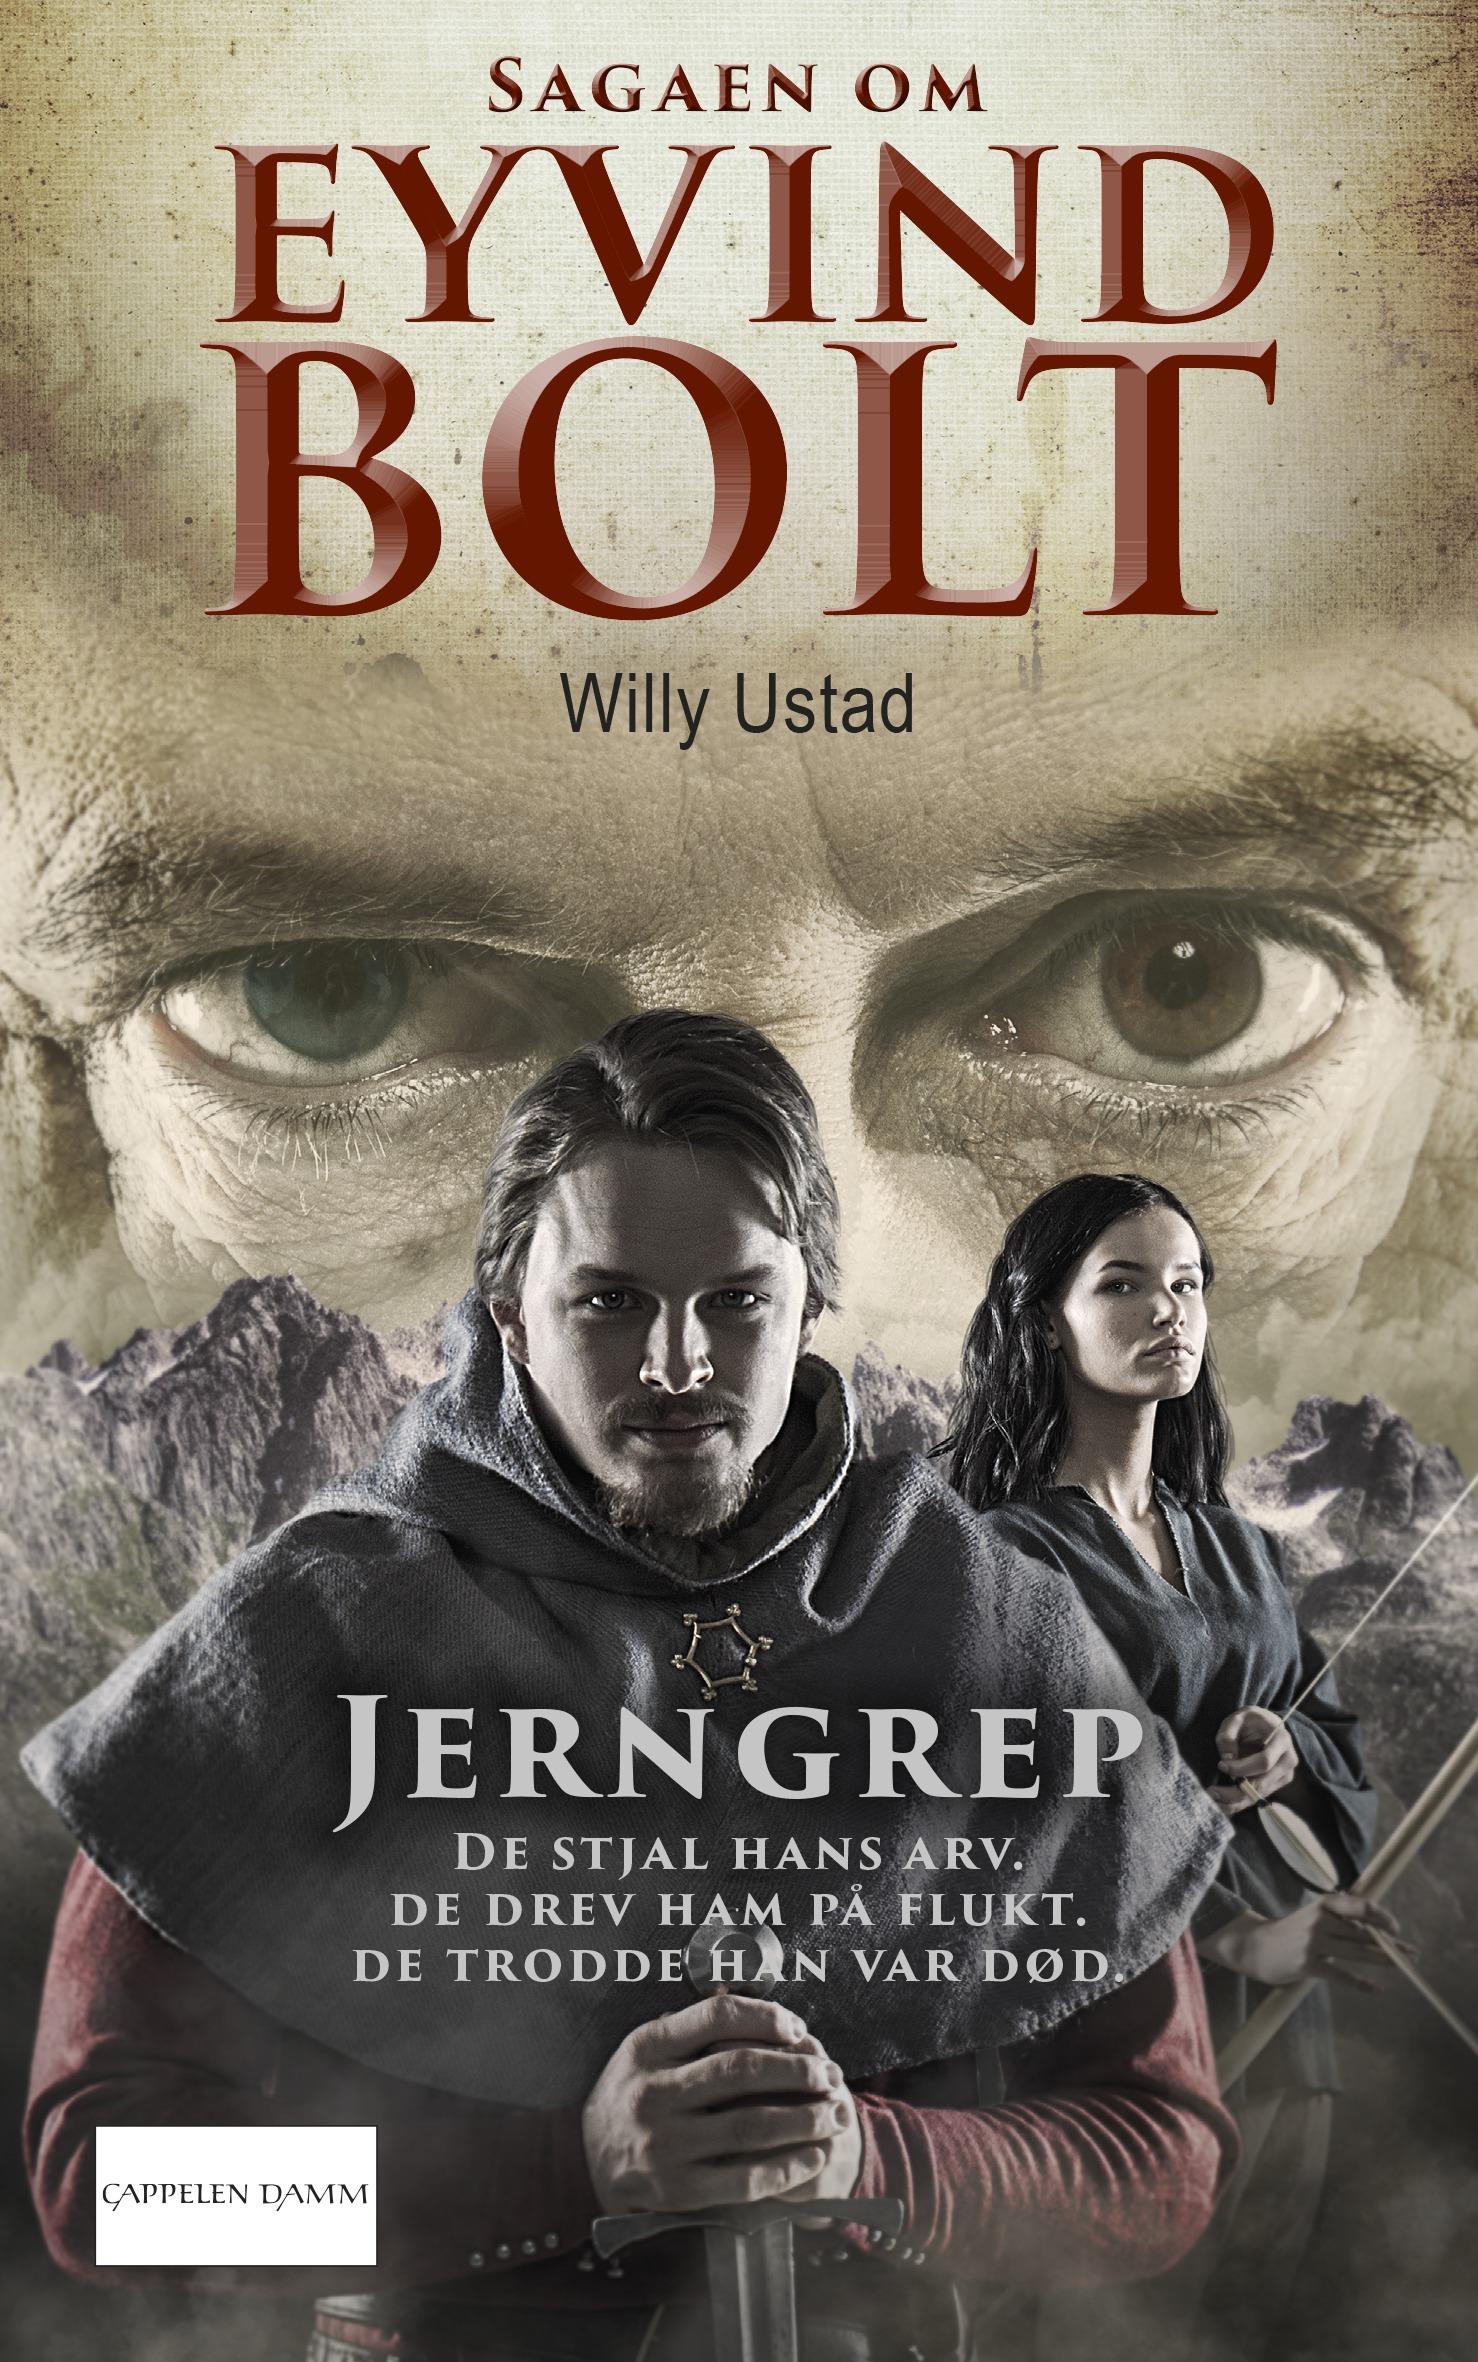 Sagaen om Eyvind Bolt1_Forside